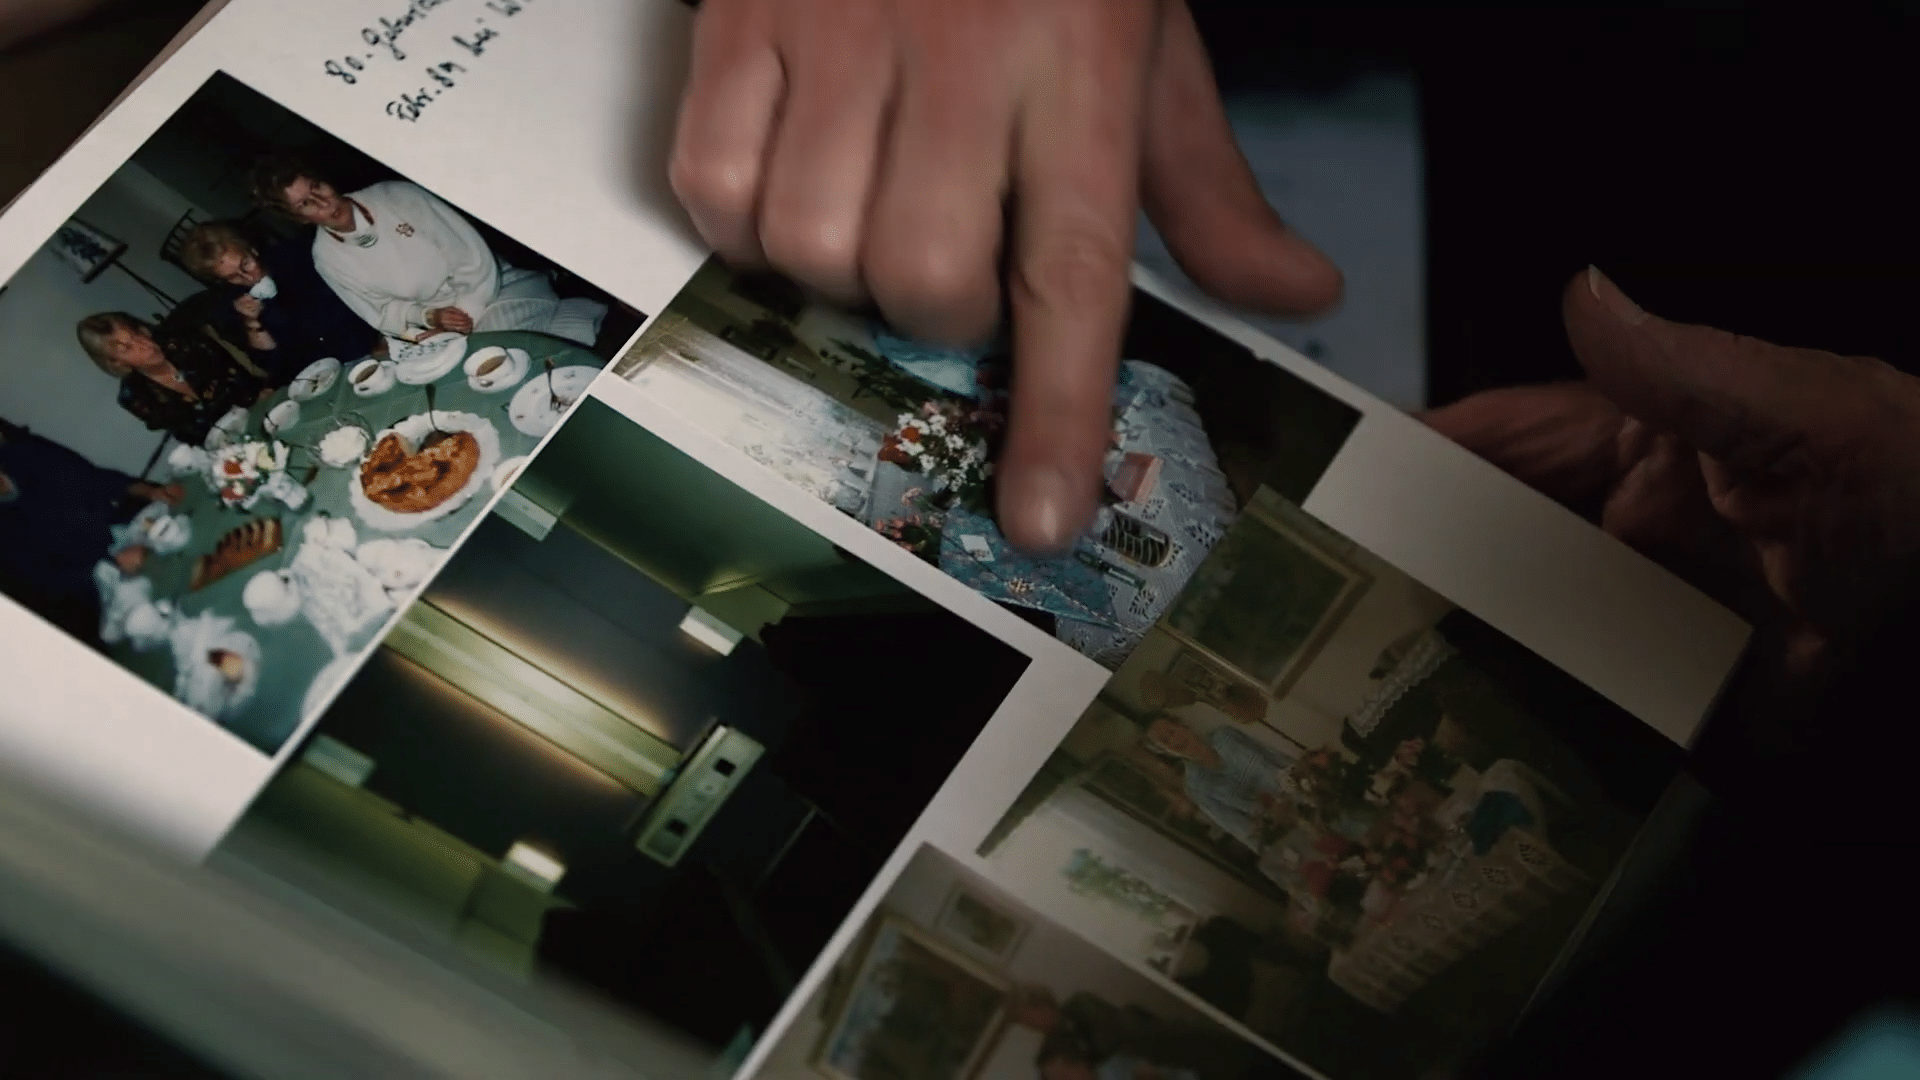 Die Chance einer gemeinsamen Geschichte #4- In-Haus e.V. 0-26 screenshot